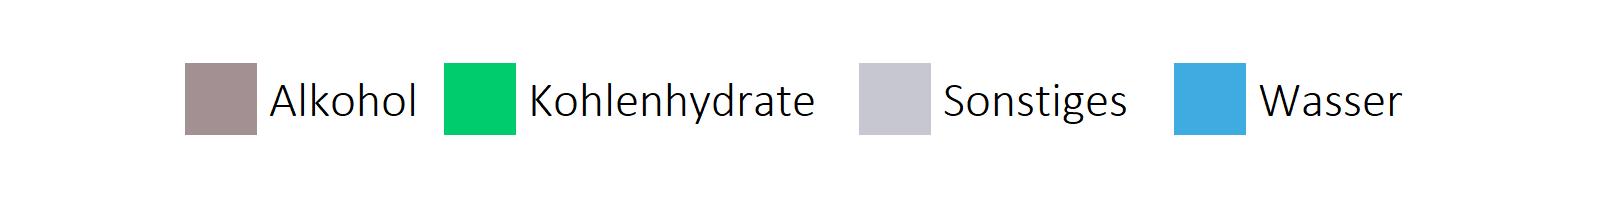 alkoholhaltige Getränke Substanzen horizontale Legende